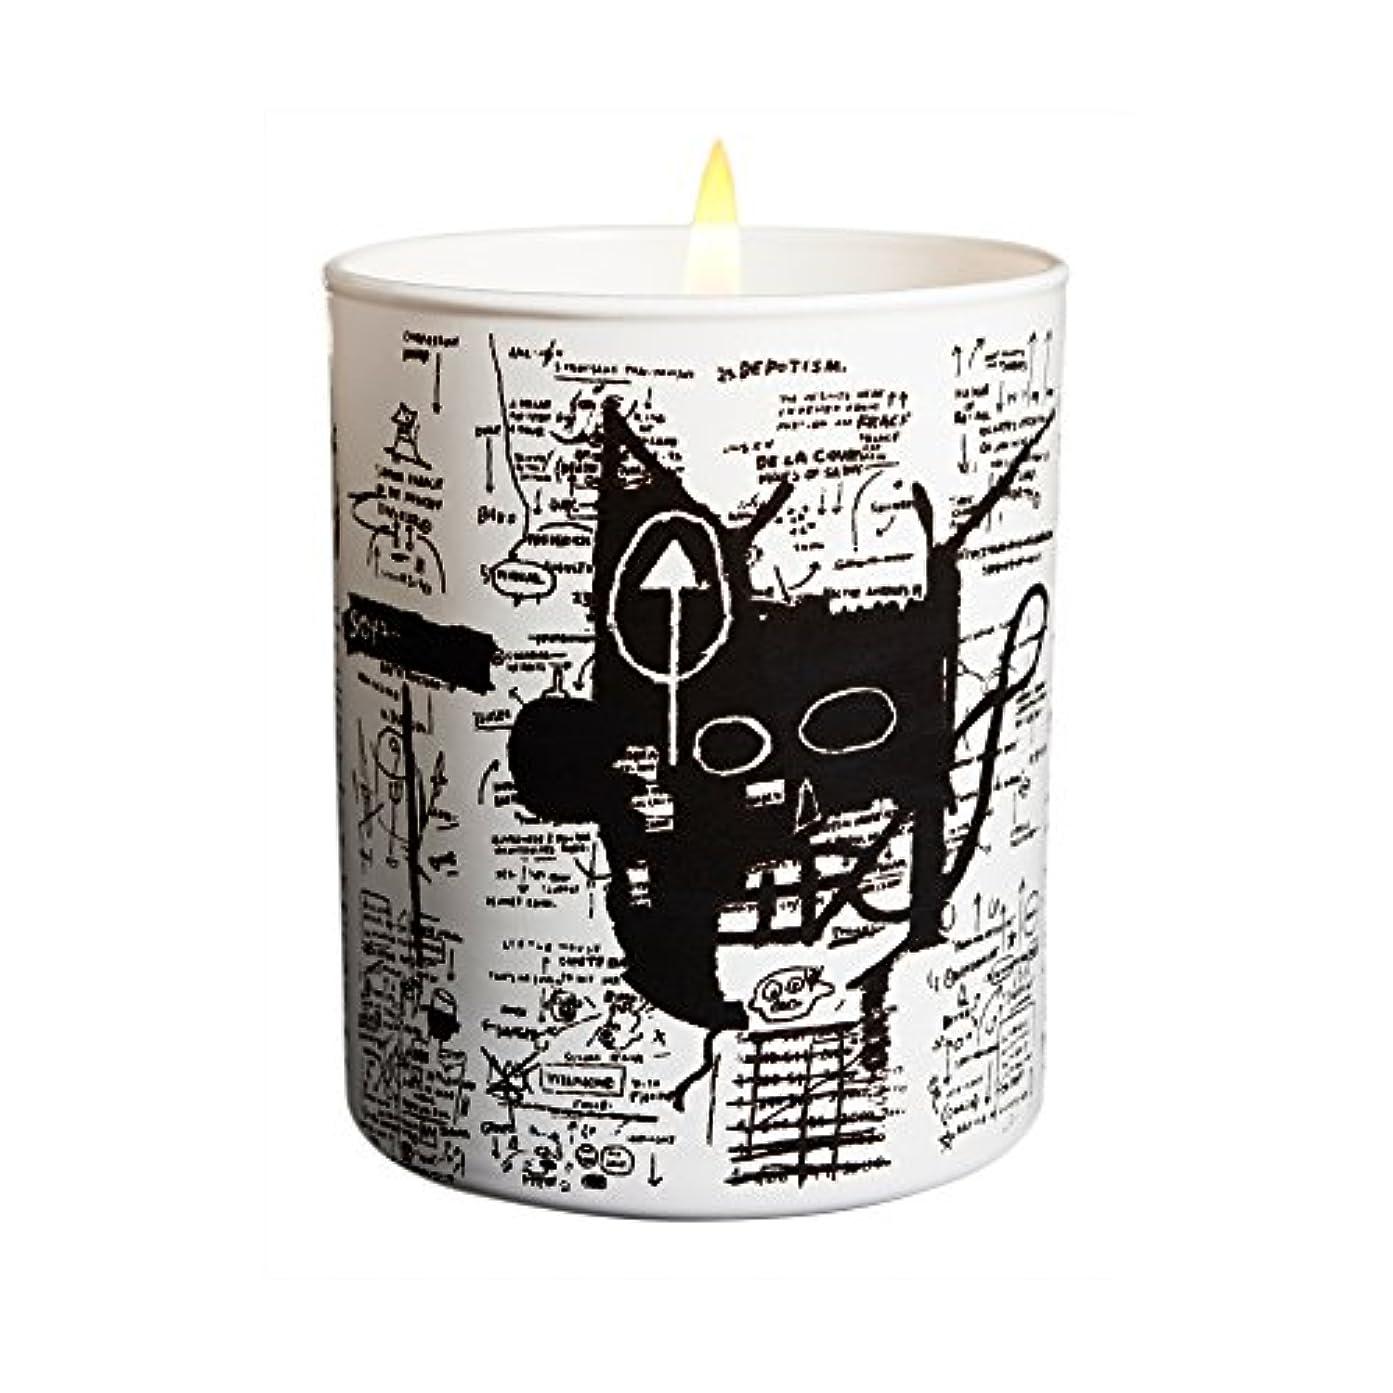 ピックピア着実にジャン ミシェル バスキア リターン オブ ザ セントラル フィギュア キャンドル(Jean-Michael Basquiat Perfumed Candle